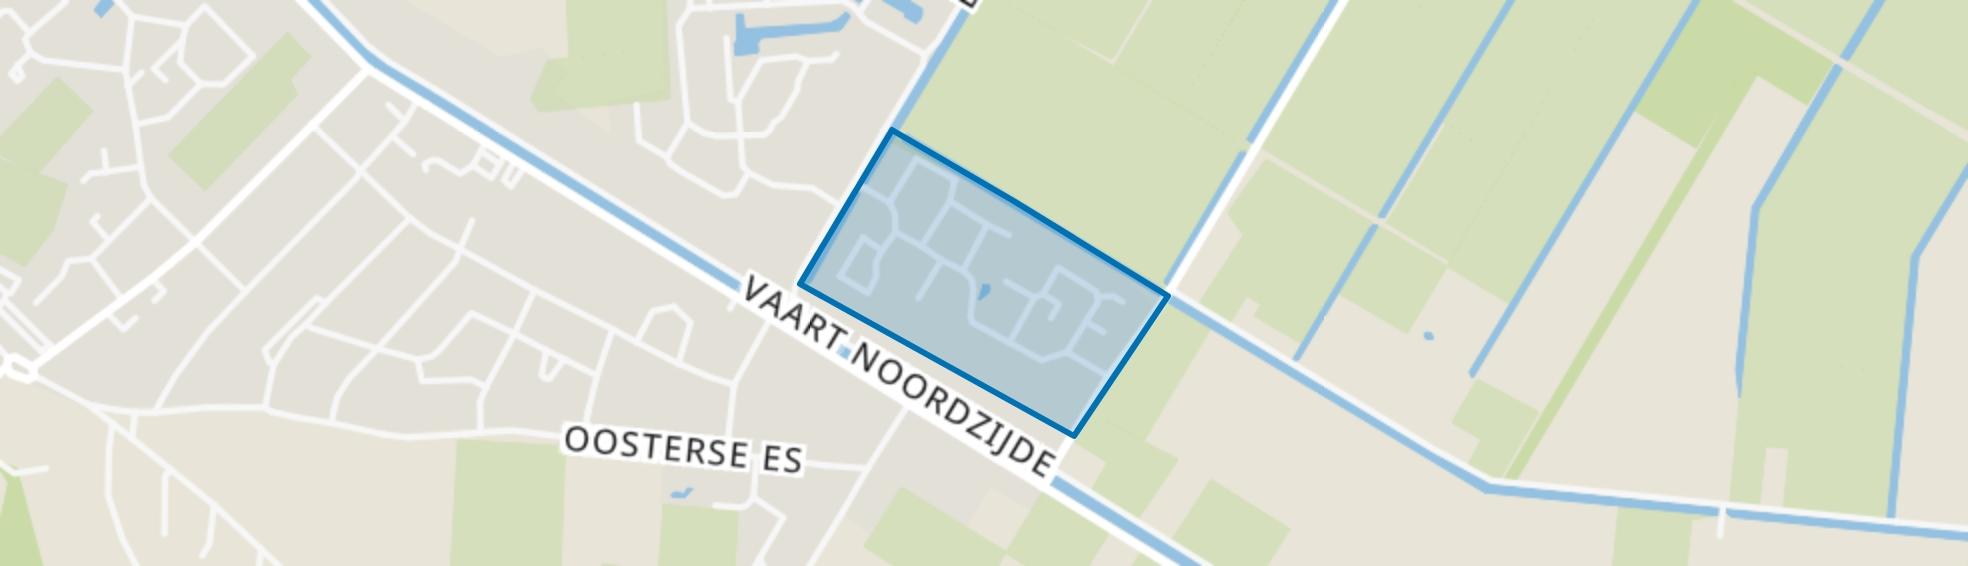 Appelscha-Toogwijk, Appelscha map